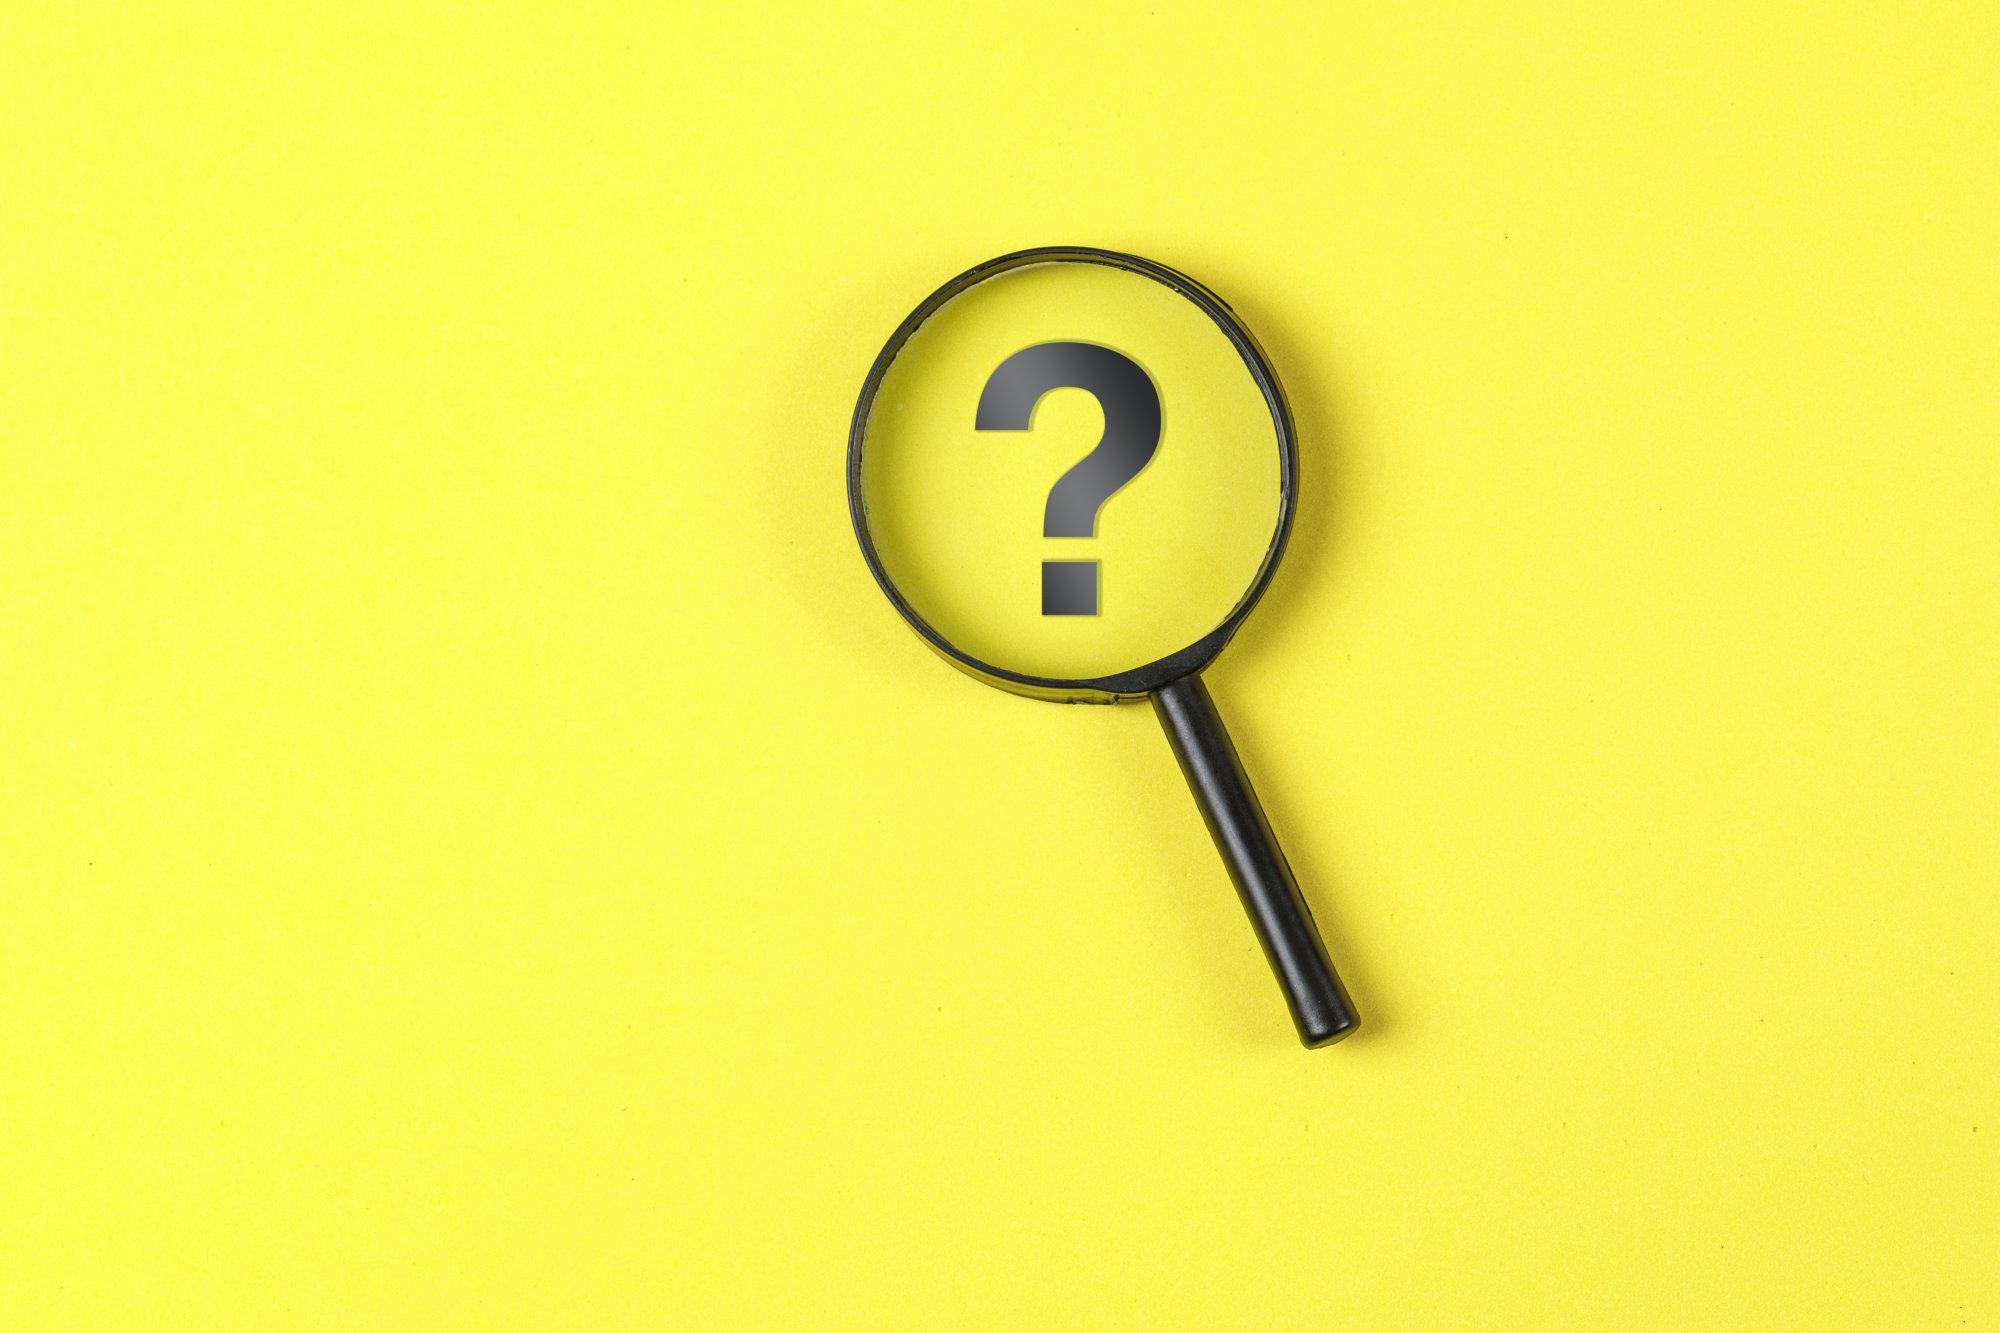 Principais perguntas antes do lançamento de um produto